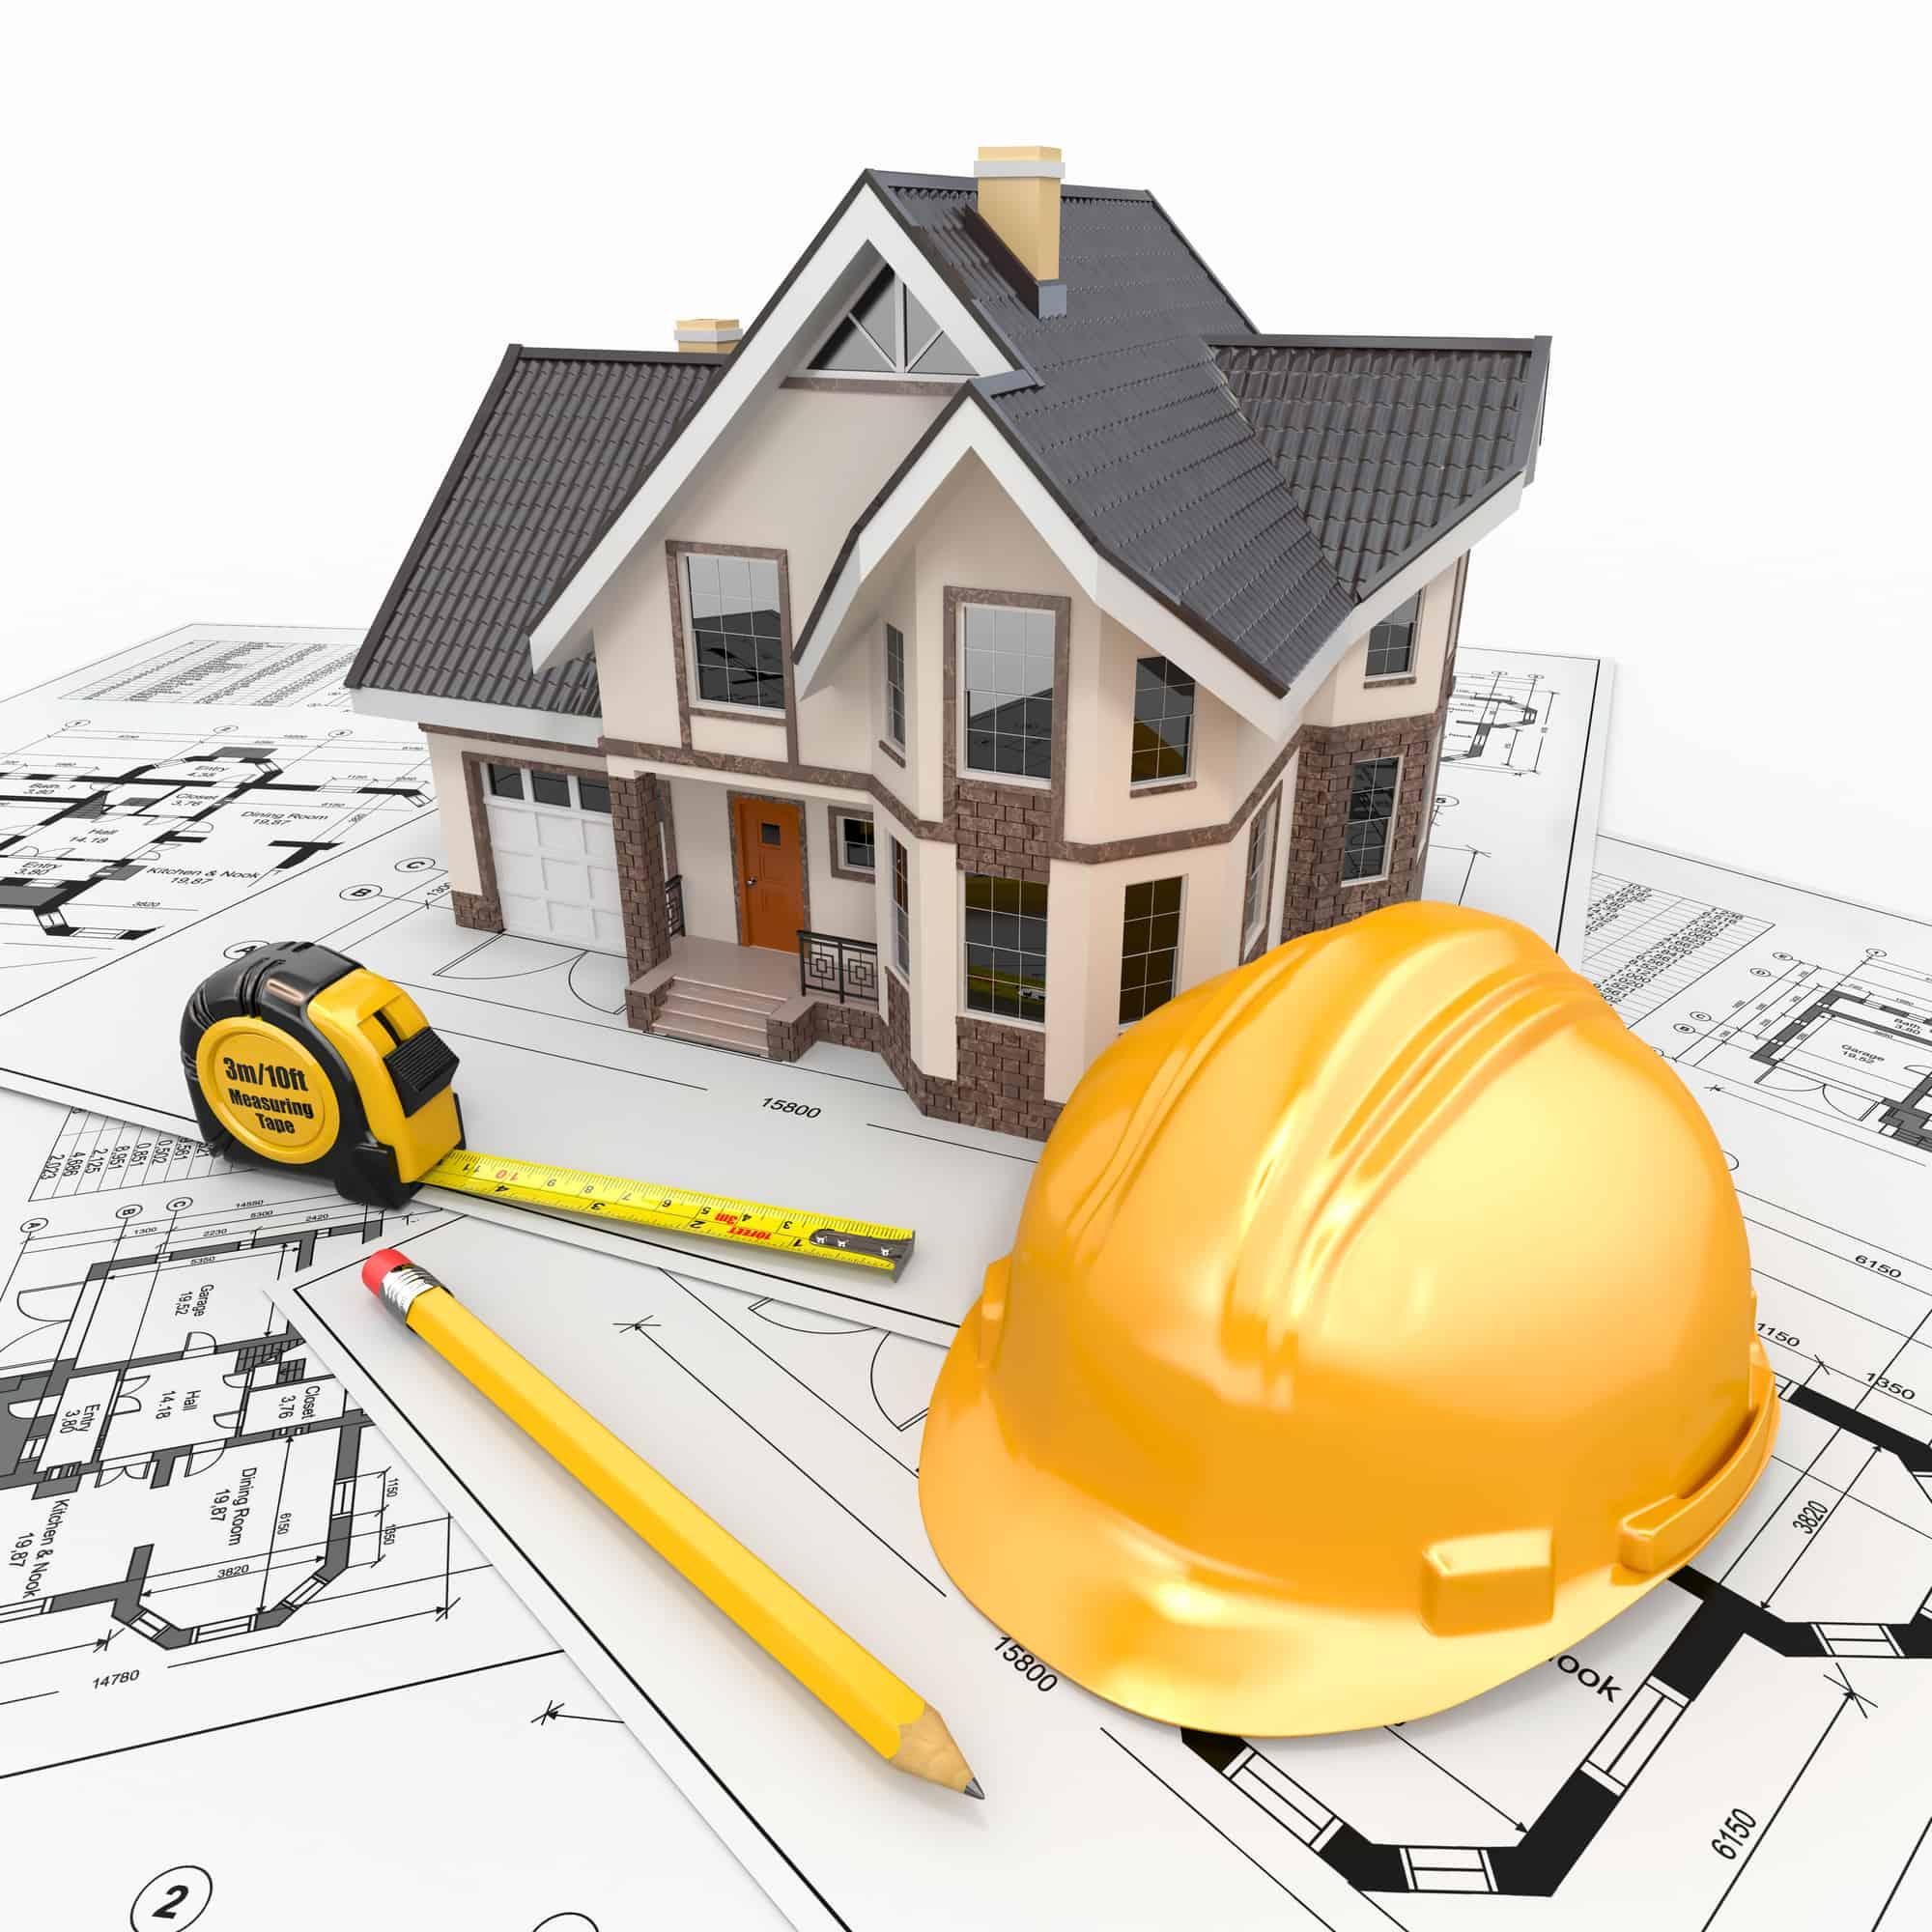 Le courtier propose un prêt immobilier au fonctionnaire